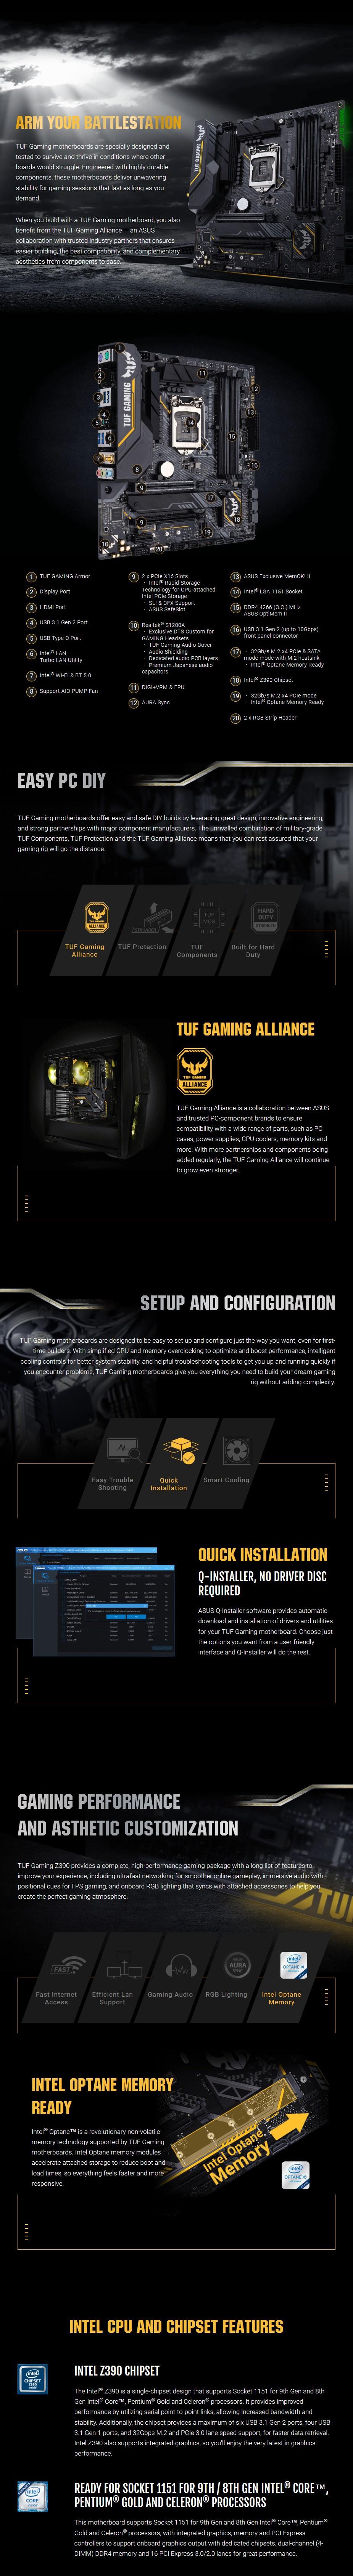 ASUS TUF Z390M-PRO GAMING WI-FI LGA 1151 mATX Motherboard - Desktop Overview 1